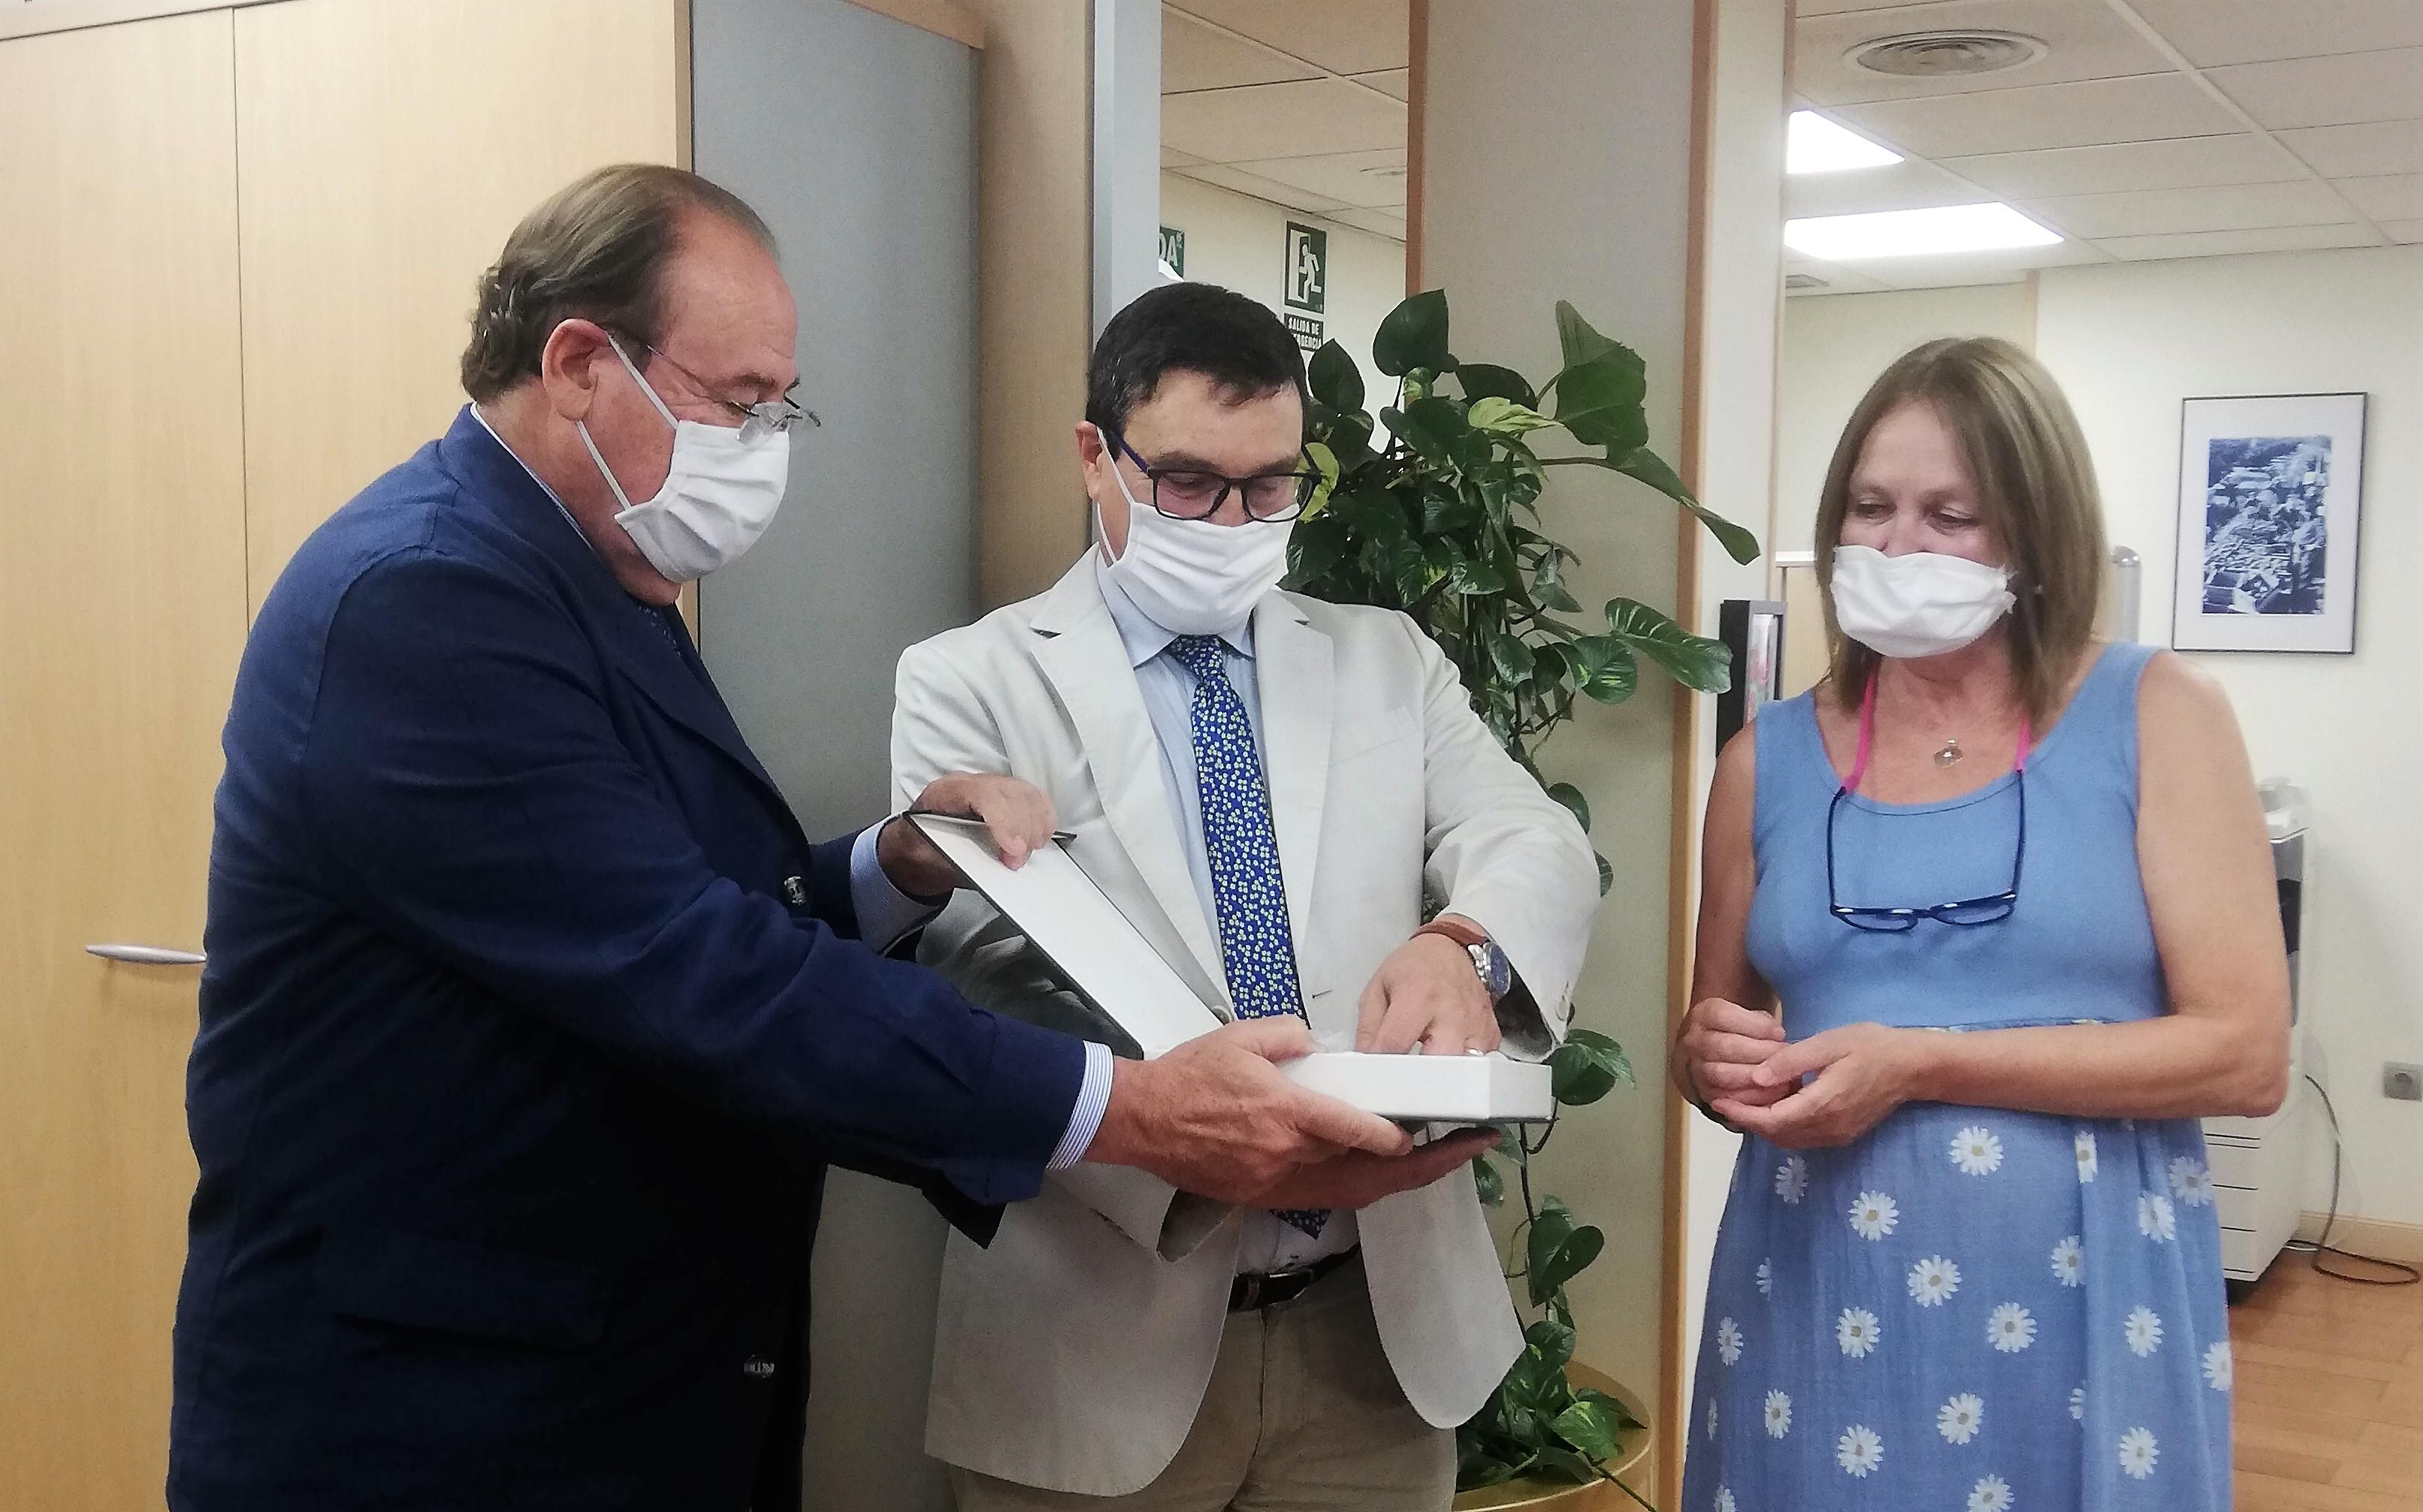 Pablo Pombo y Javier Orta entregando la placa de reconocimiento a la trabajadora Blanca Pérez